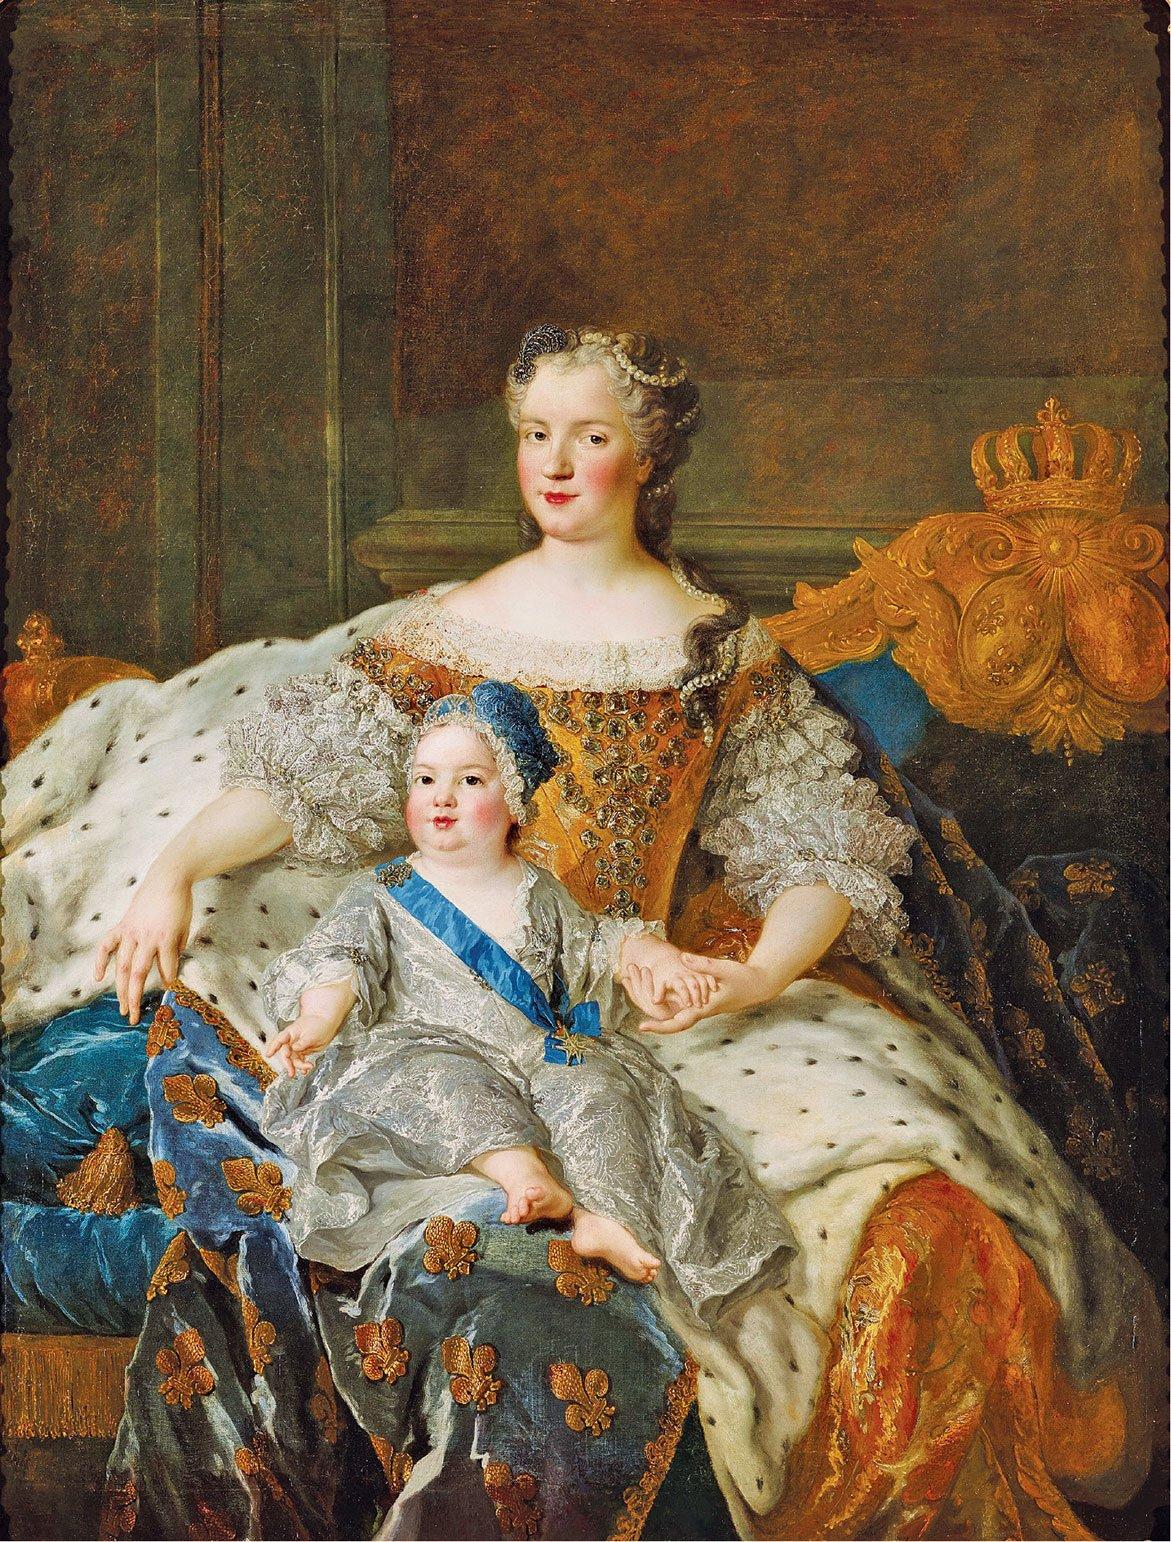 法國女王瑪麗•萊什琴斯卡和多芬•路易•費迪南德肖像。Alexis-Simon Belle於1730年繪製。 布面油畫。 凡爾賽宮國家博物館特里亞農宮收藏。 (克里斯托弗•福因/凡爾賽宮(RMN-GP))